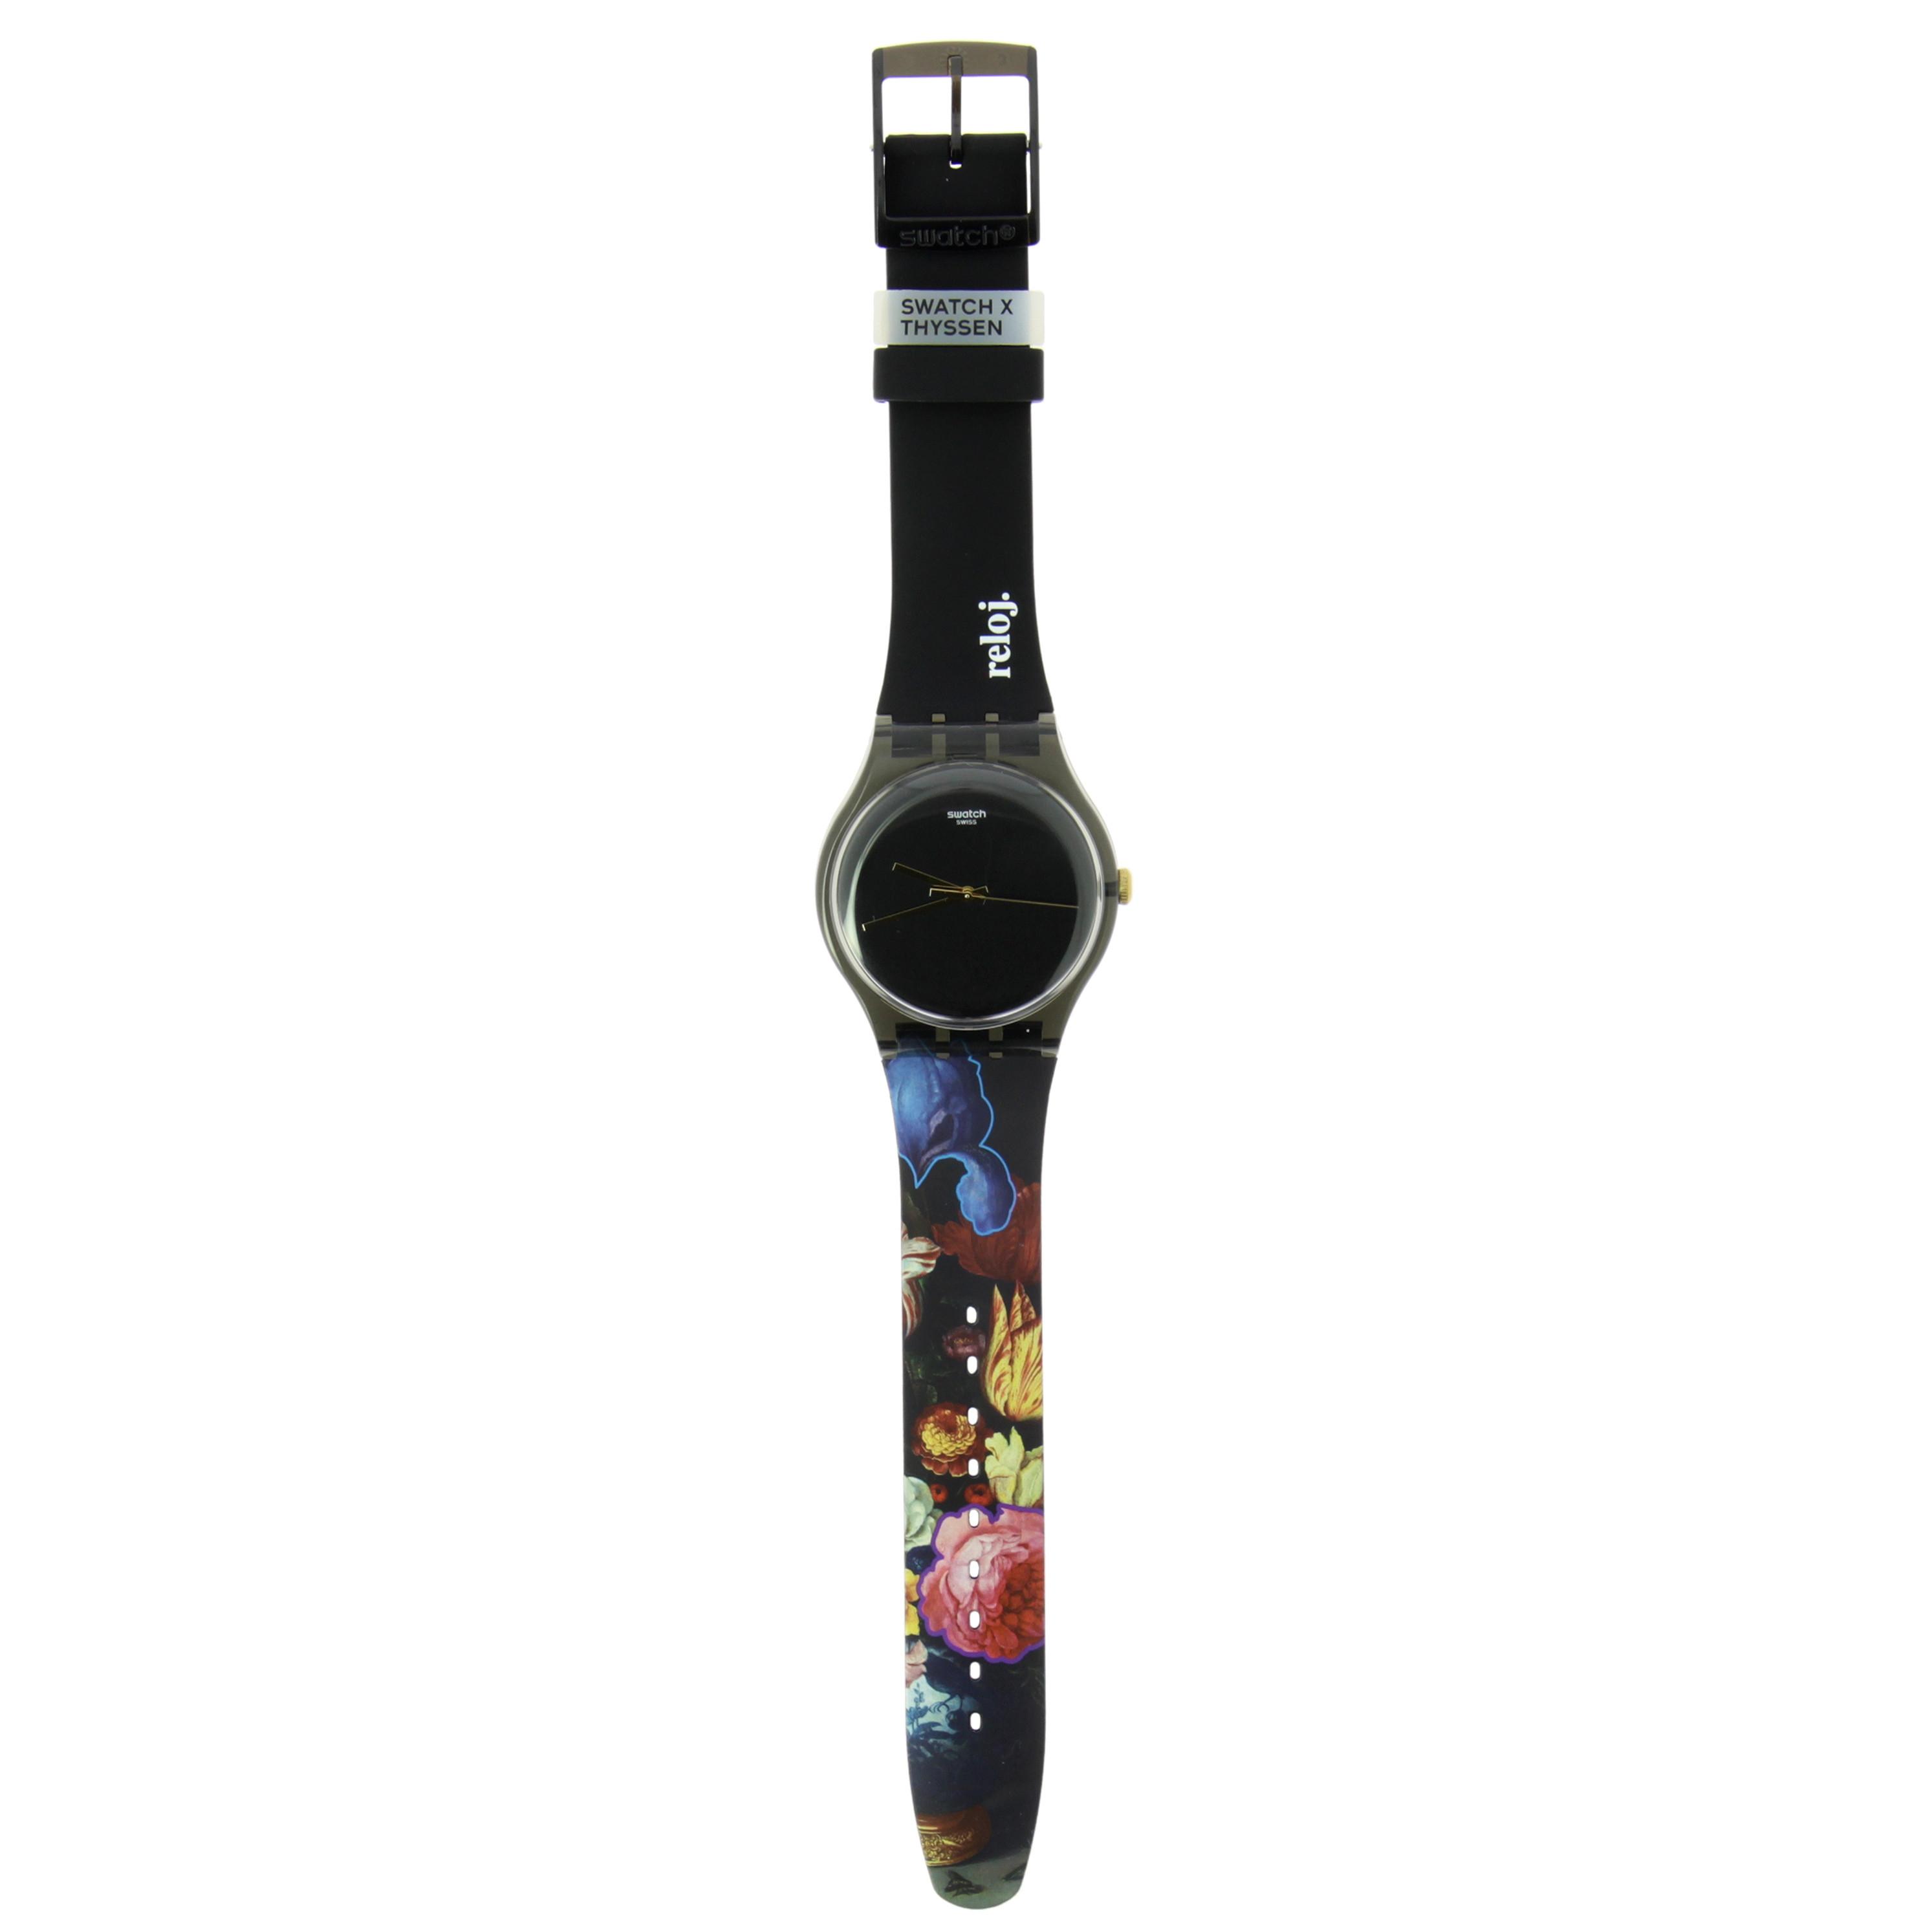 Watch Swatch+Thyssen van der Ast Gracious Bouquet